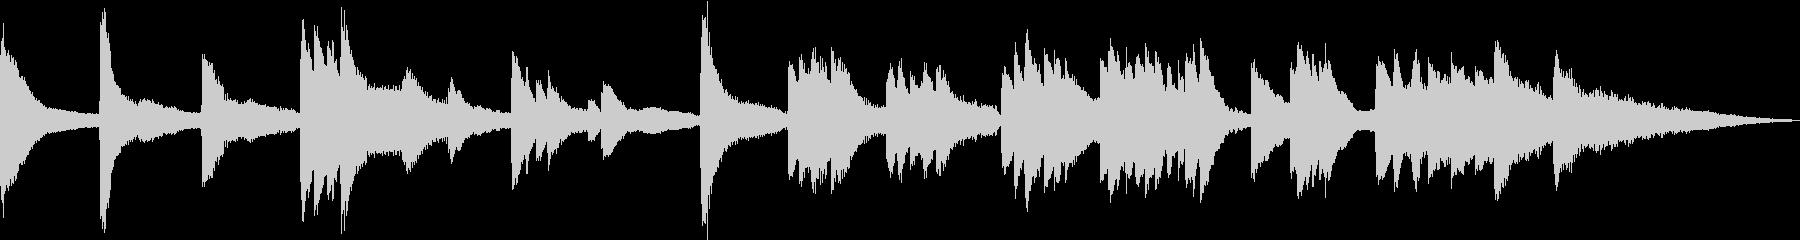 雨や雪が静かに降るイメージ(ピアノソロ)の未再生の波形